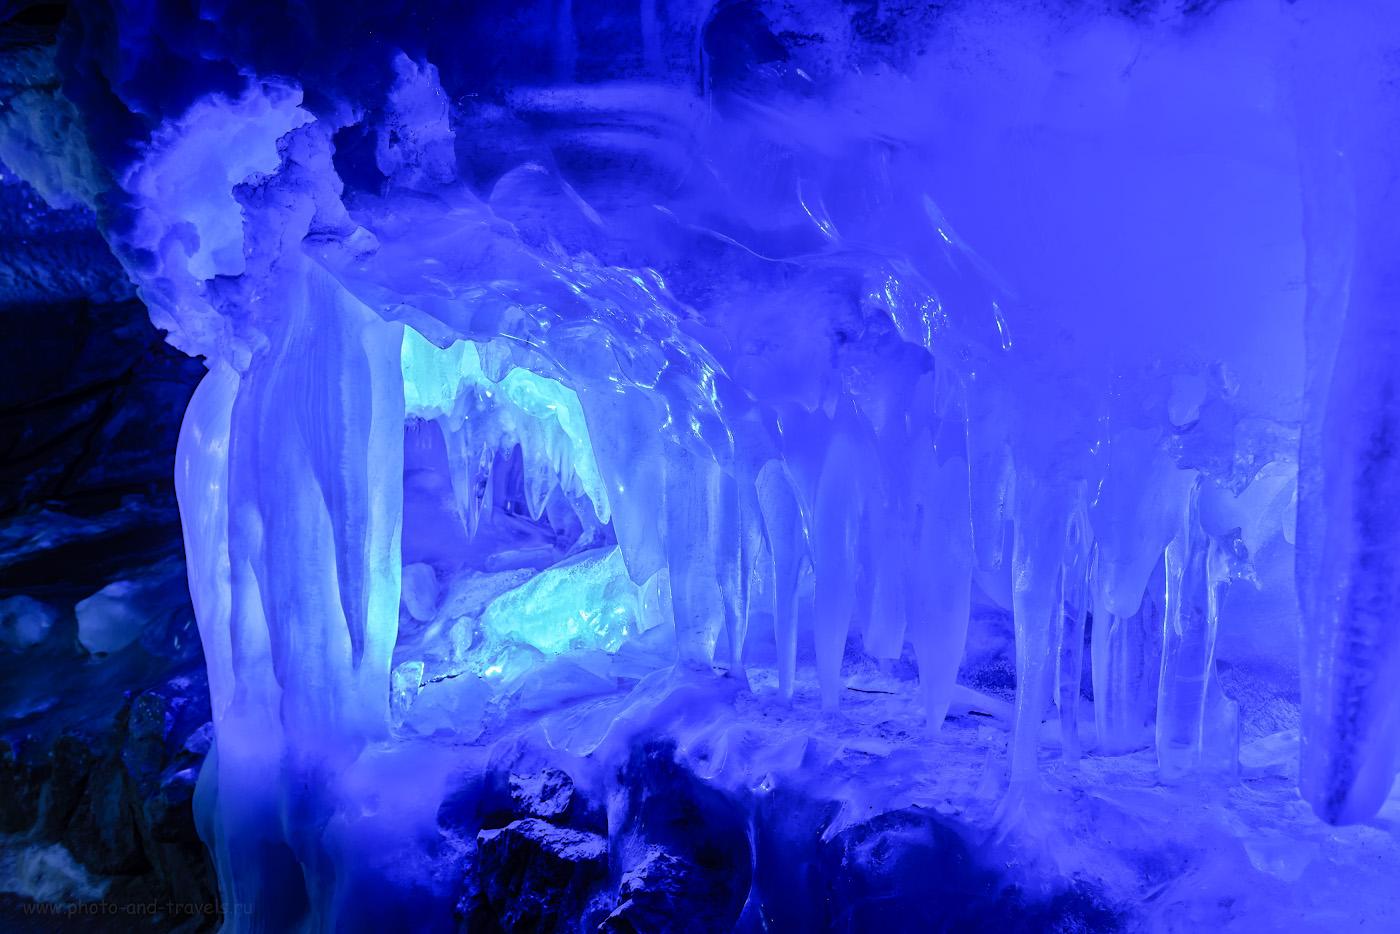 Фотография 7. Сосульки в Кунгурской ледяной пещере. Отзывы о самостоятельной экскурсии во время путешествия в Пермский край на машине. 1/10, +0.33, 6.3, 400, 27.